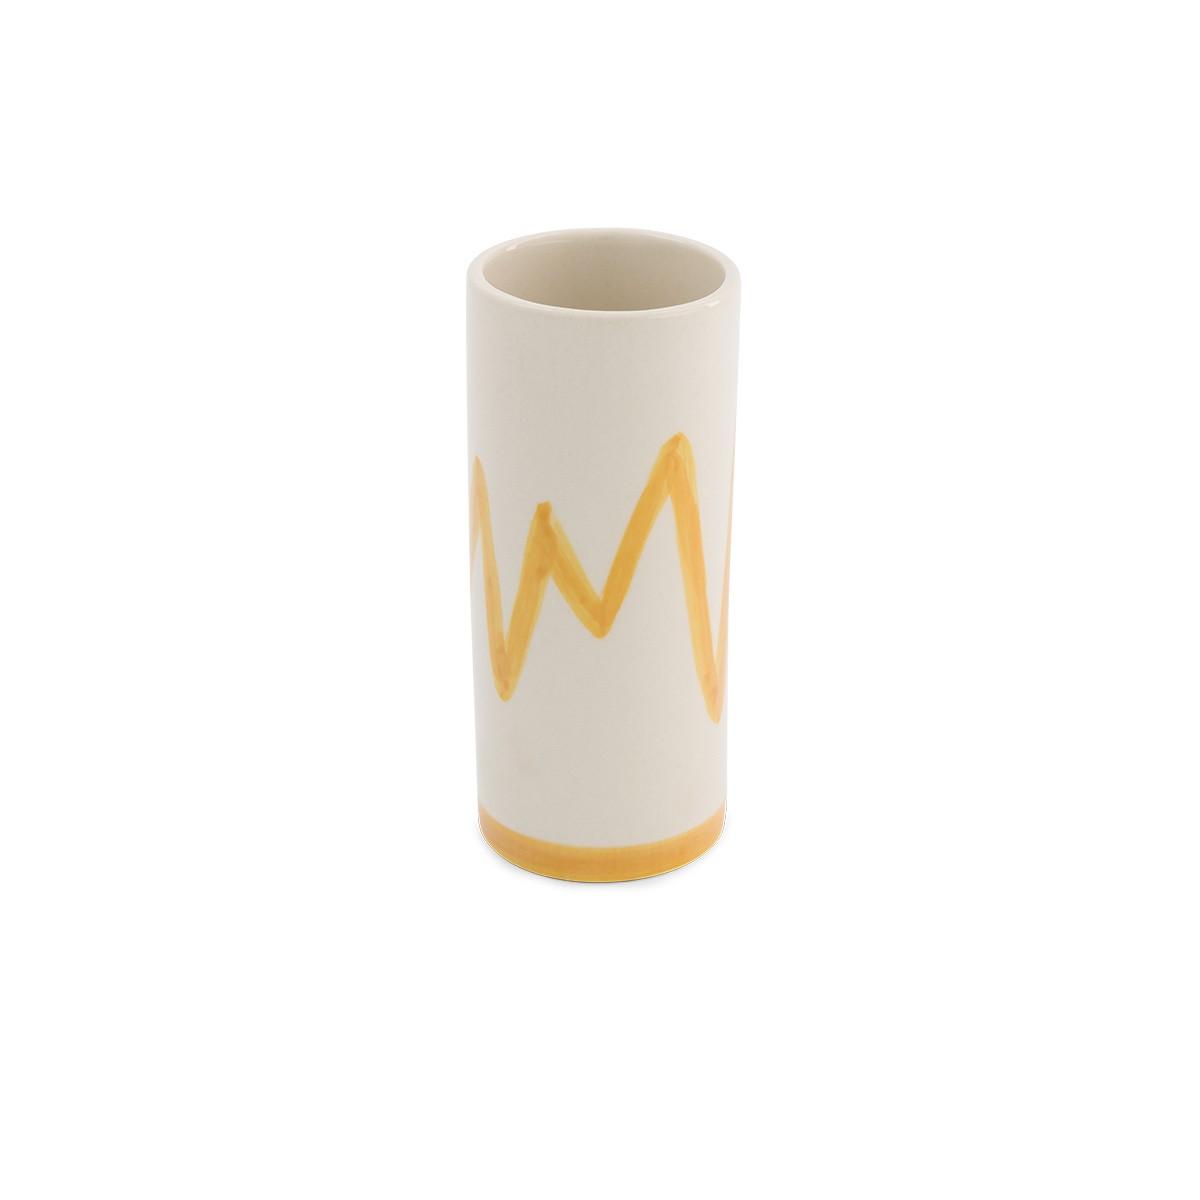 Domino pot medium model mustard pattern